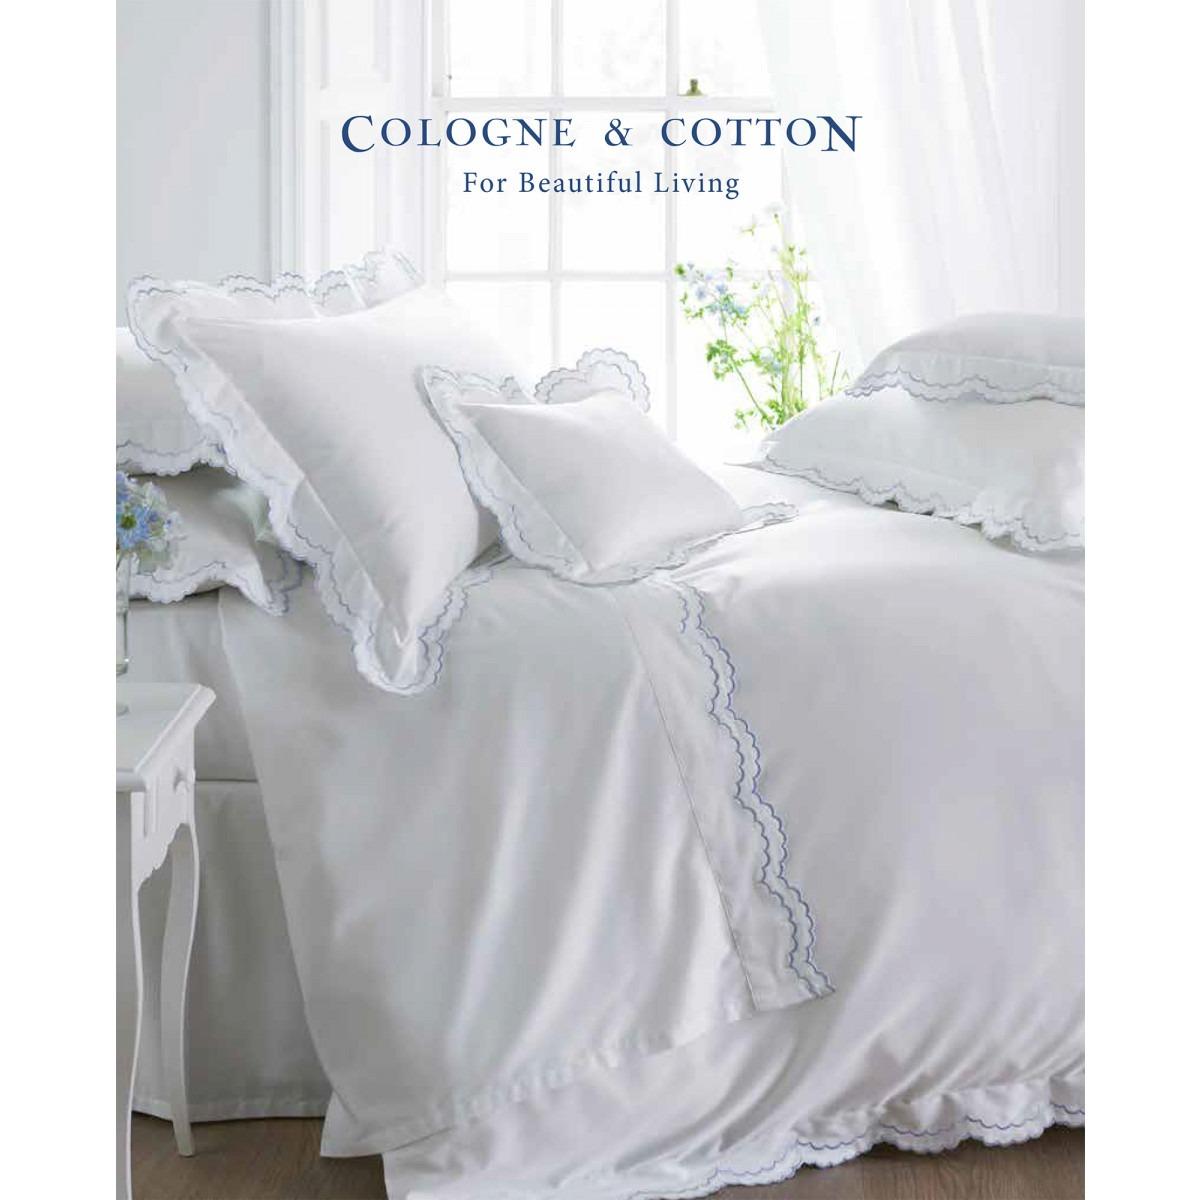 Cologne & Cotton Catalogue